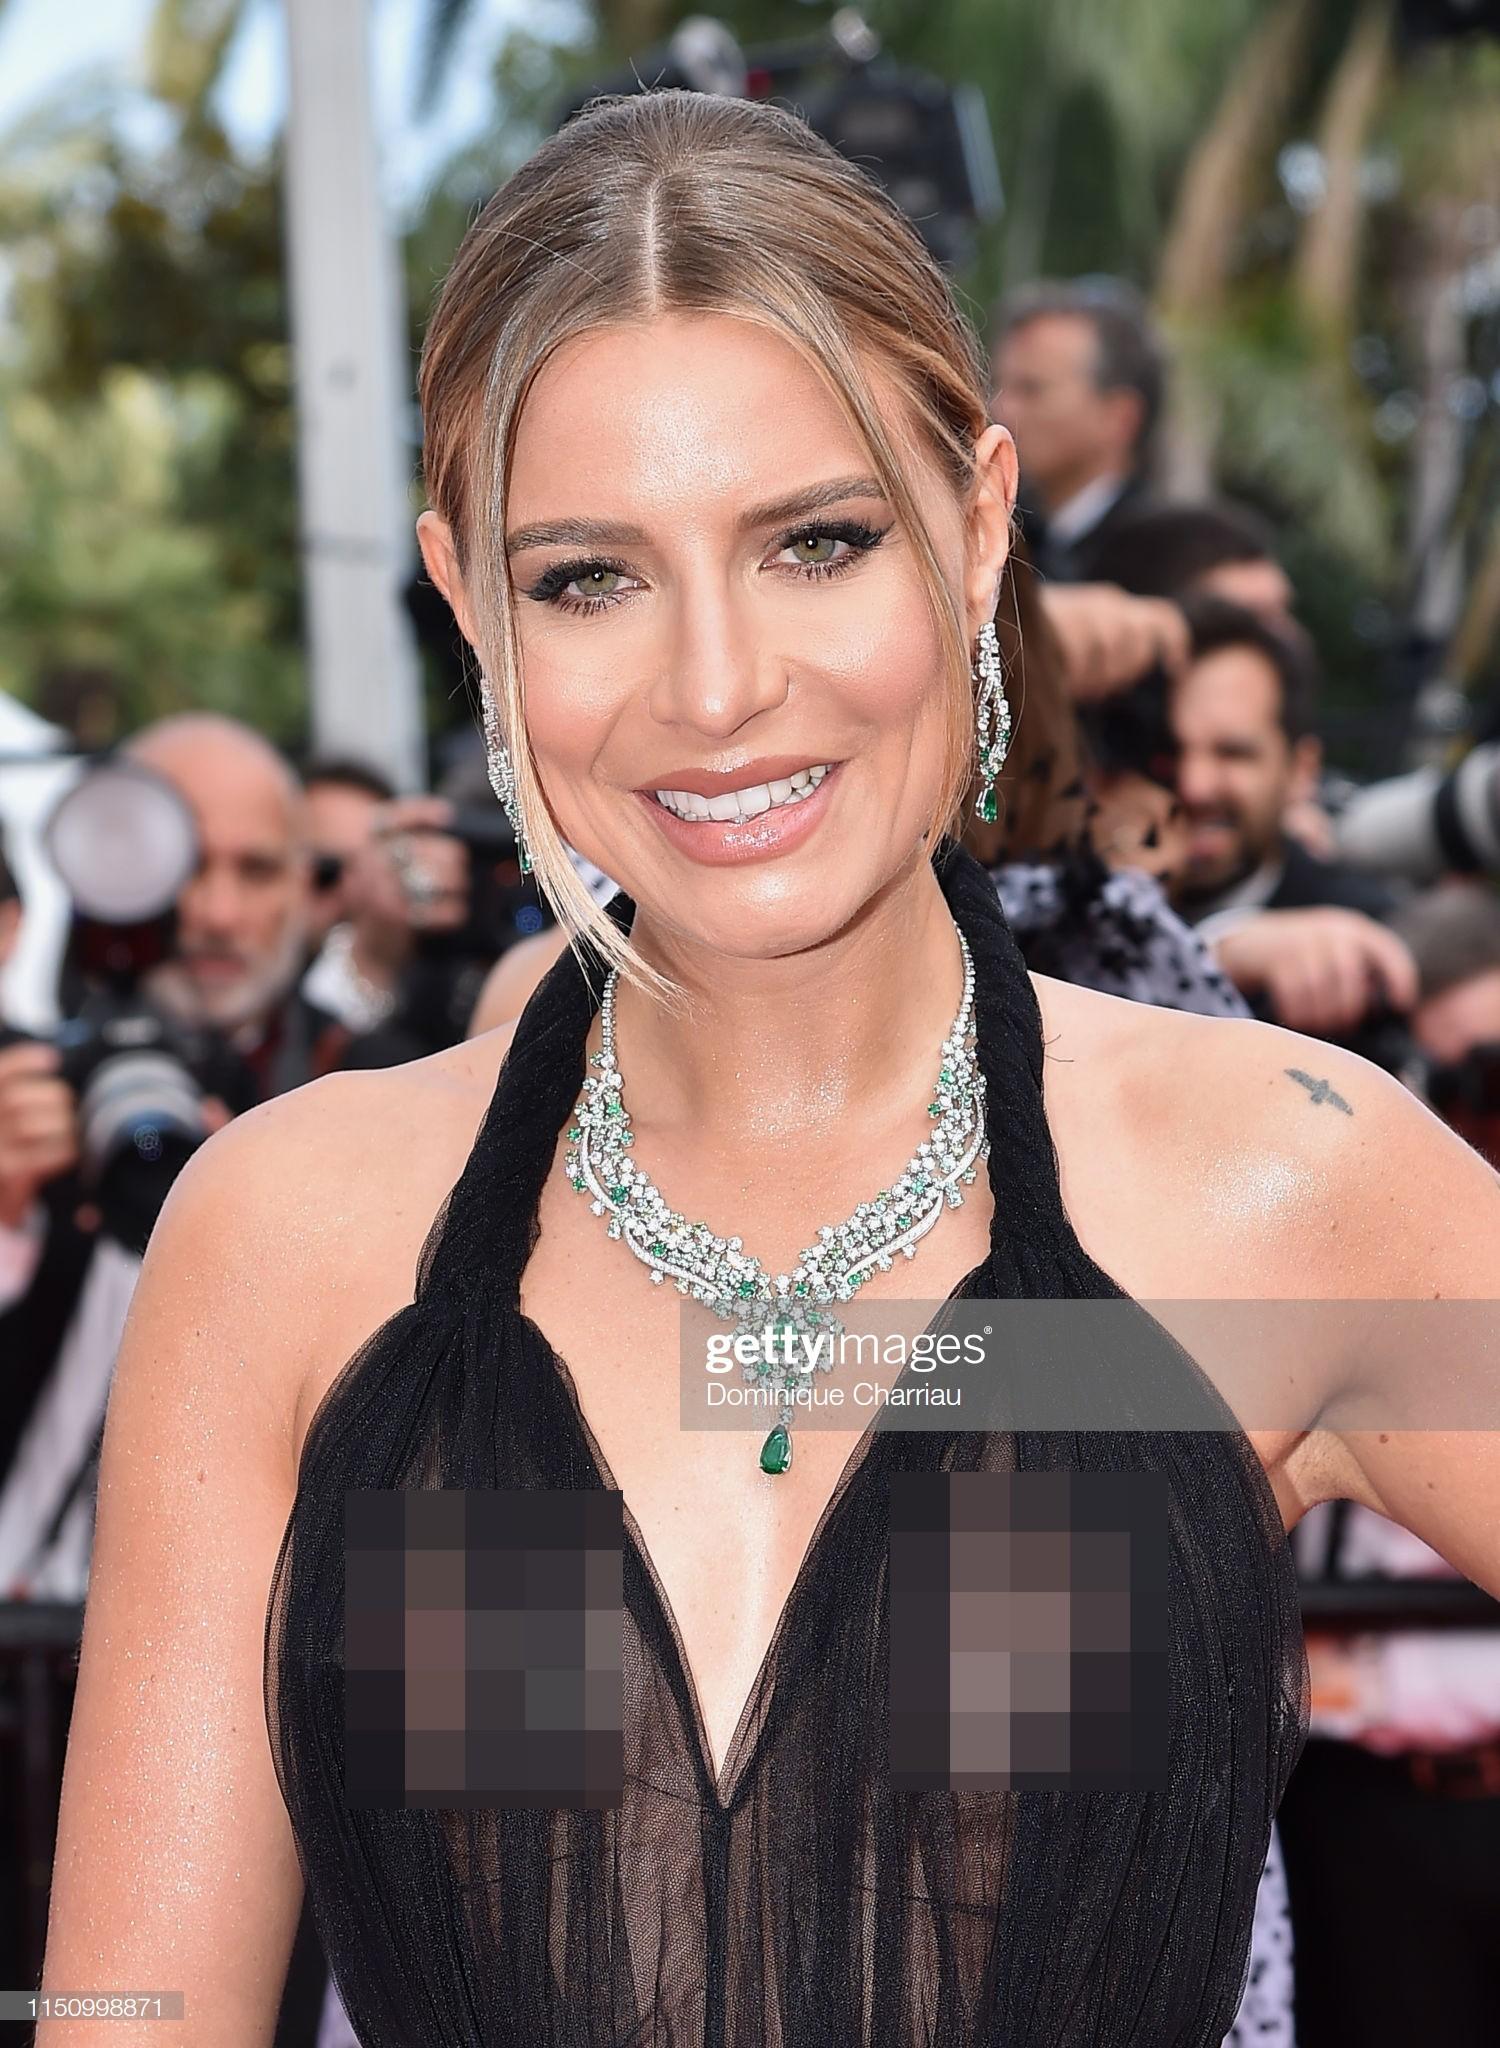 Cannes ngày 8: Mỹ nhân Ý khoe vòng 1 nhức mắt, dàn người mẫu Hollywood tung chiêu hết cỡ tại thảm đỏ - Ảnh 3.